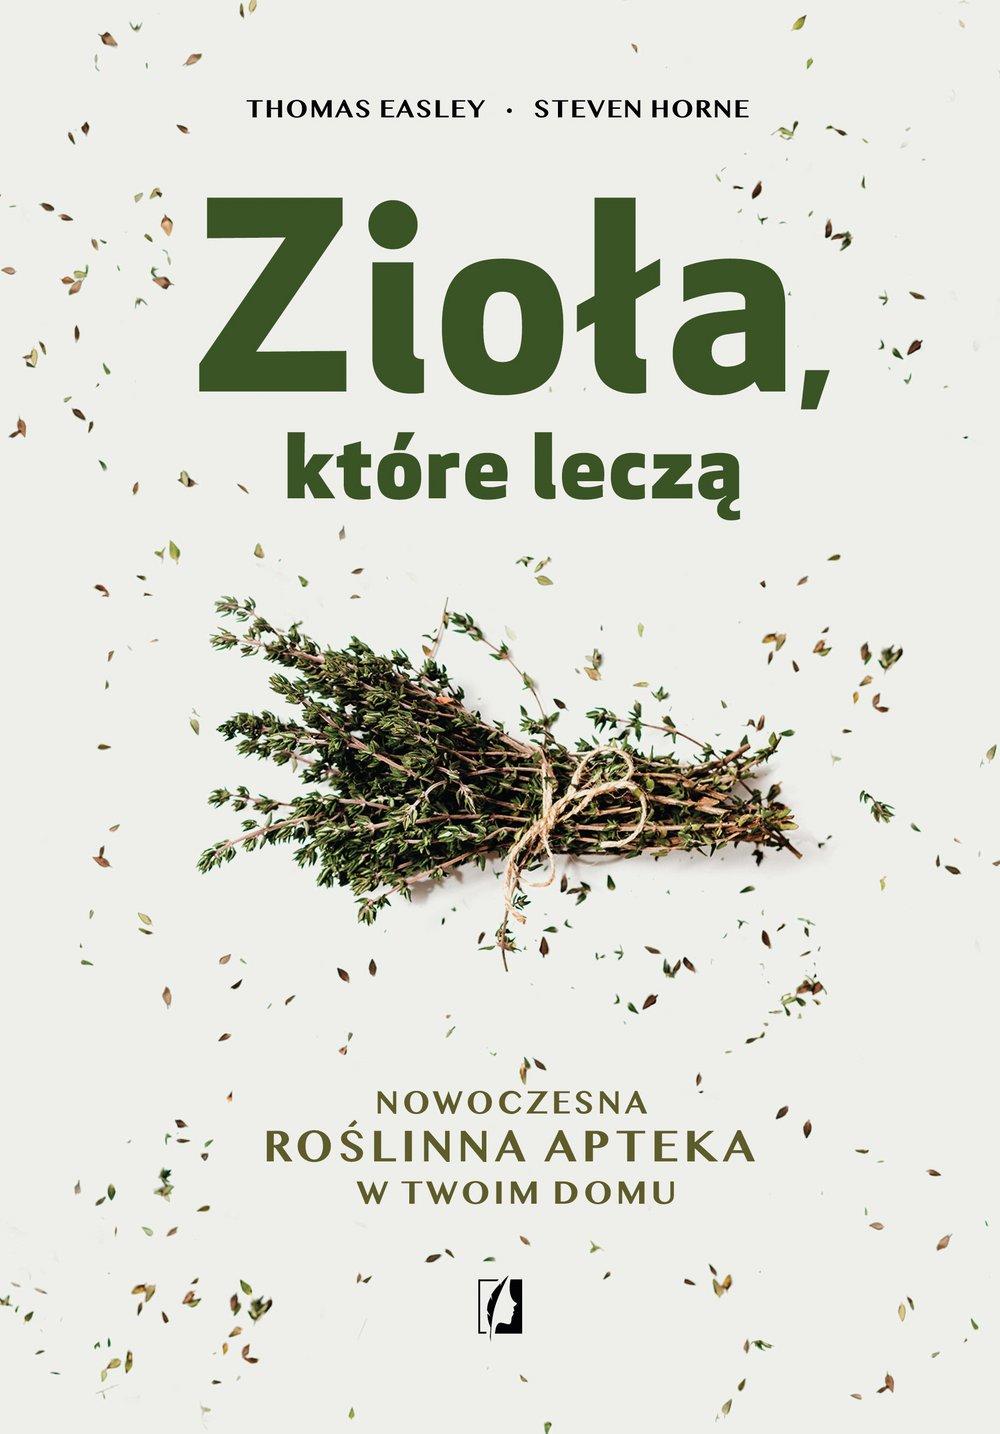 Zioła, które leczą. Nowoczesna roślinna apteka w twoim domu - Ebook (Książka na Kindle) do pobrania w formacie MOBI